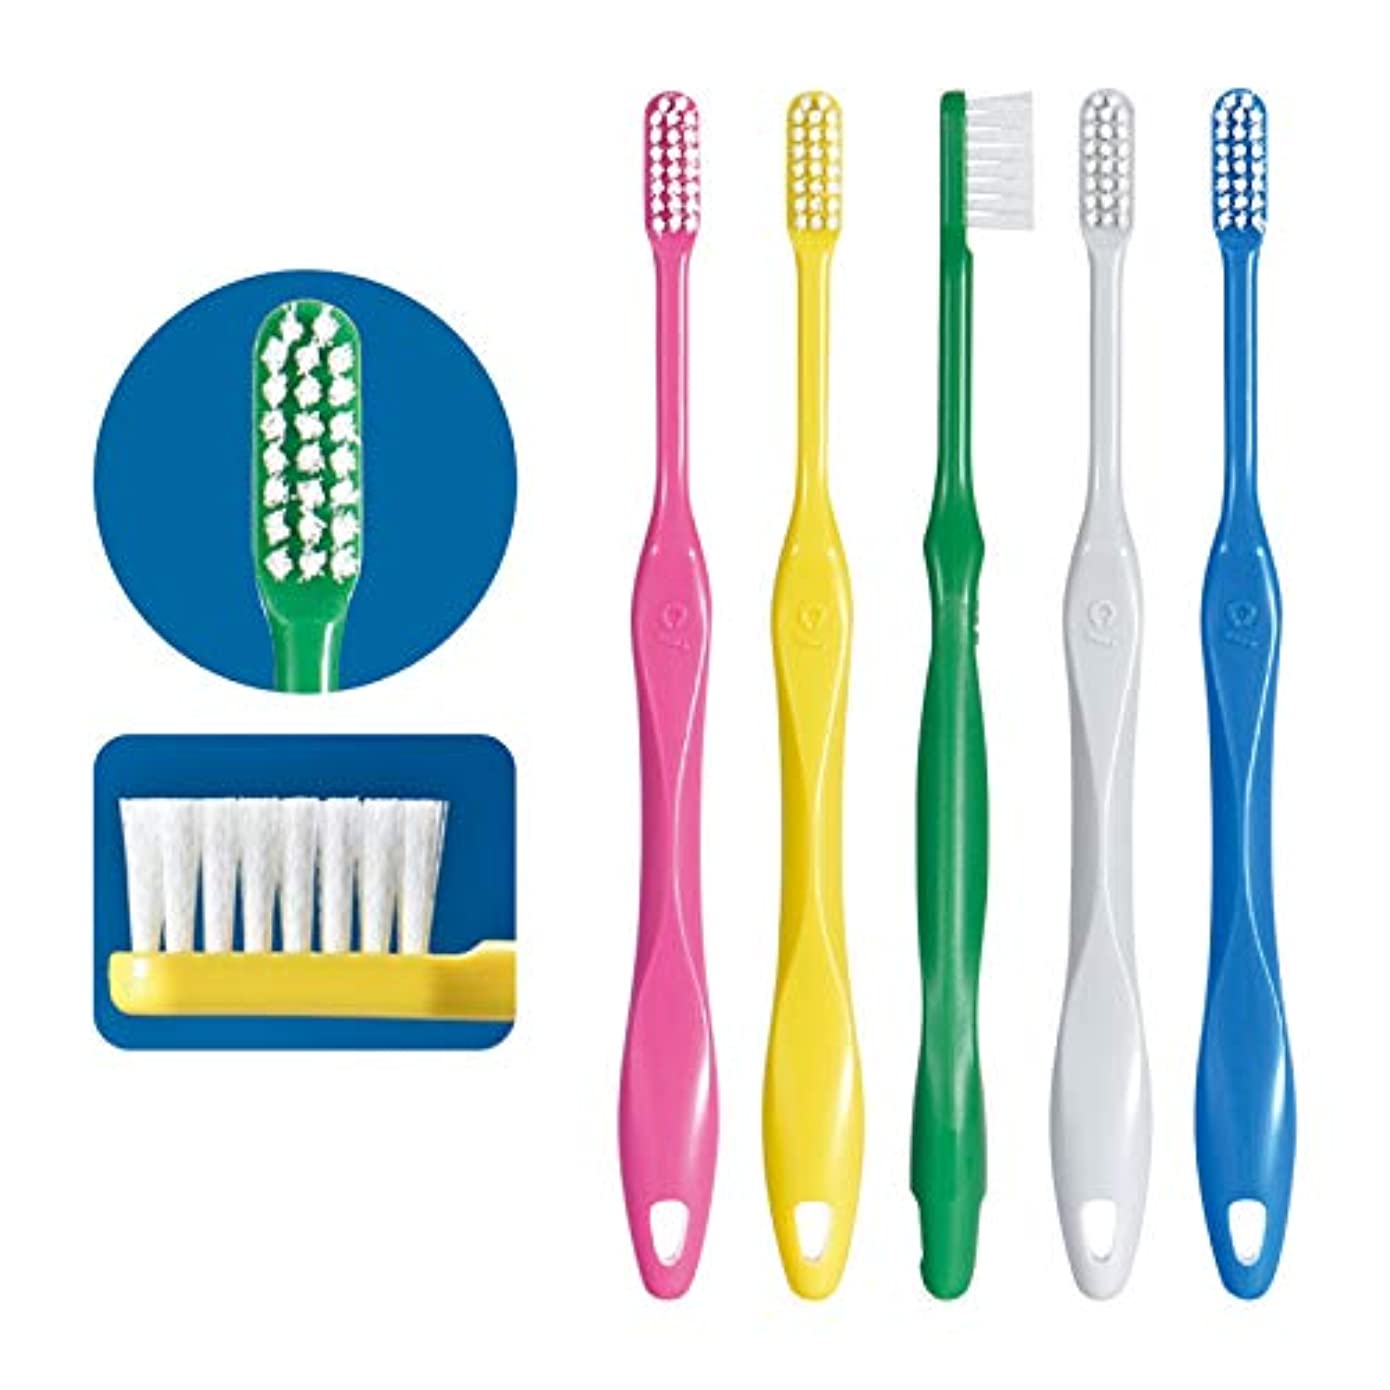 そばに独裁の前でCi スマート 歯ブラシ 20本 S(やわらかめ) 日本製 大人用歯ブラシ 歯科専売品